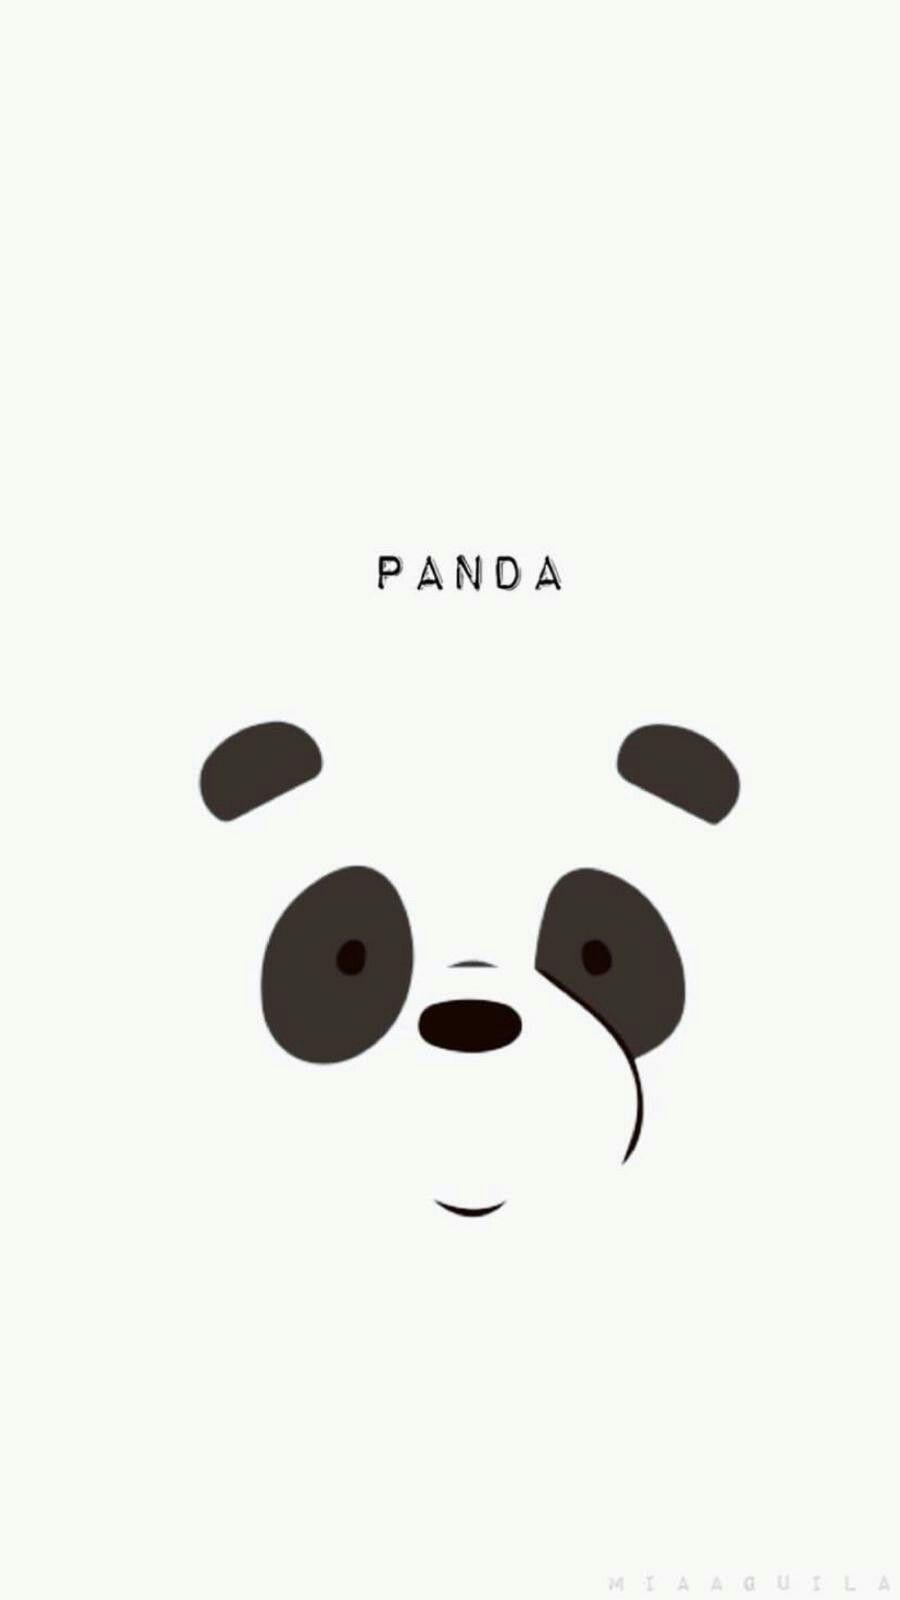 Minimal Simple Panda Back Iphone 6 Plus Wallpaper Panda Wallpapers Panda Wallpaper Iphone Iphone Wallpaper Vintage